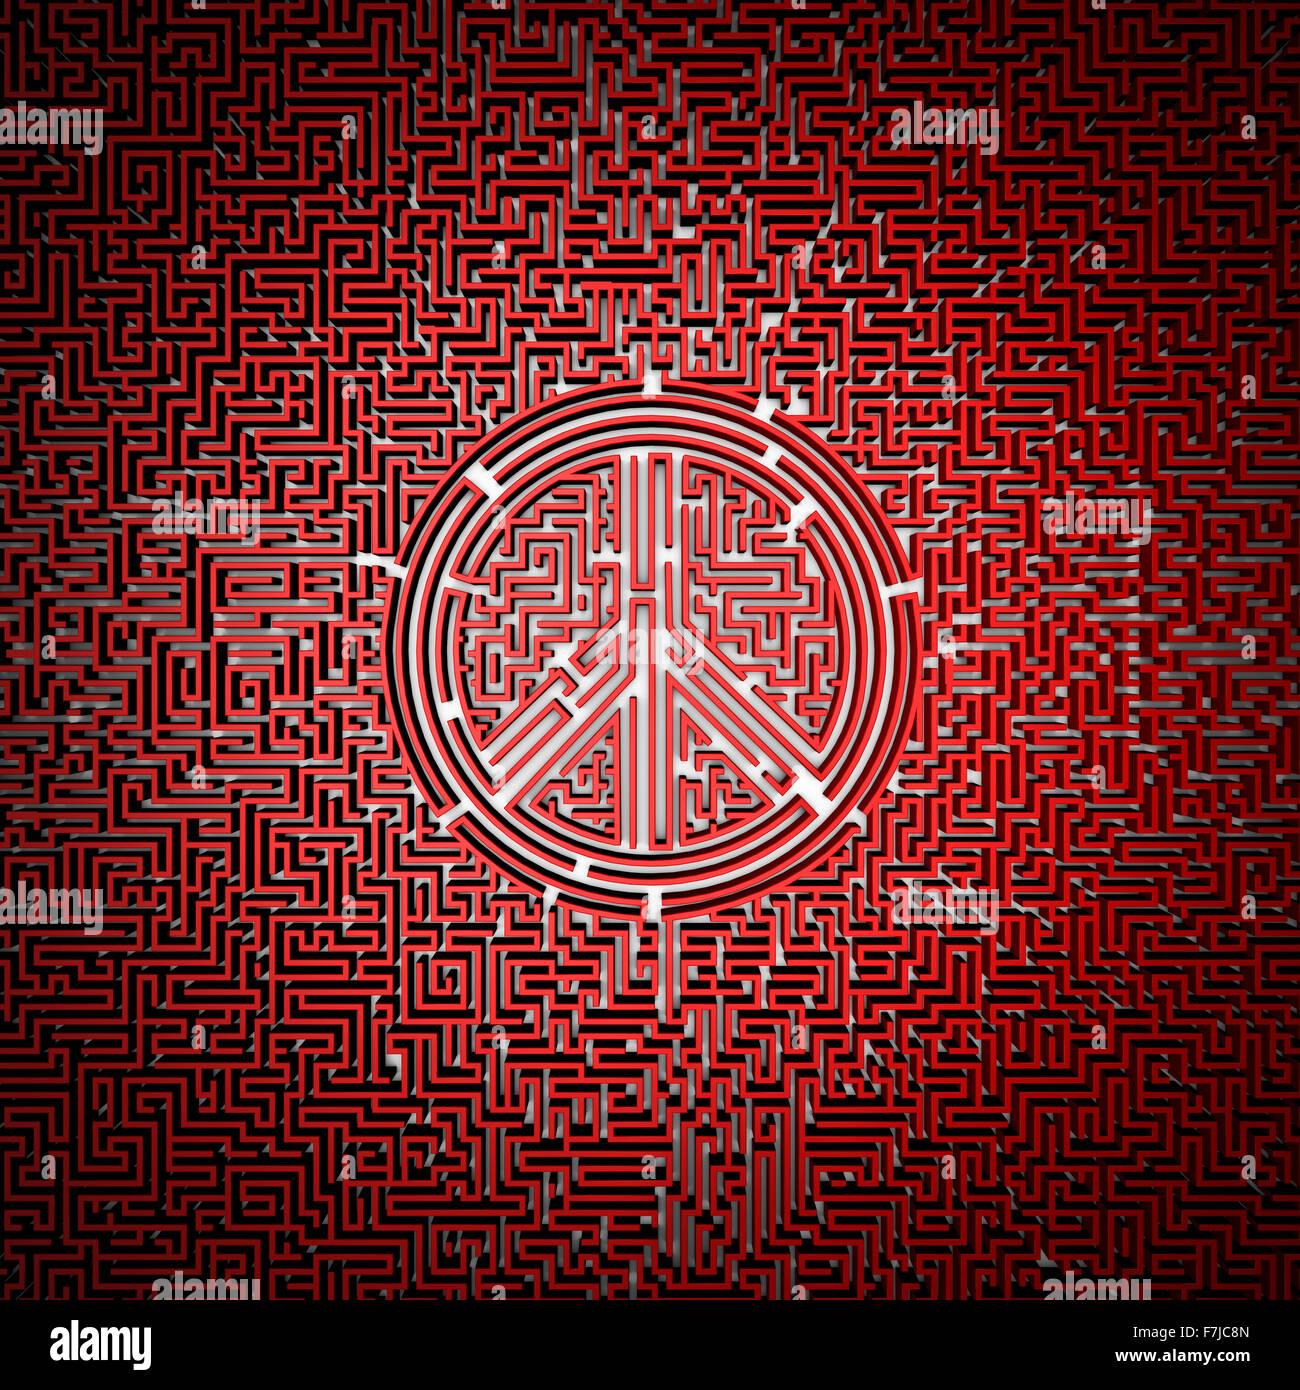 La paix ultime / labyrinthe 3D render of labyrinthe géant avec symbole de paix dans le centre, facile à Photo Stock